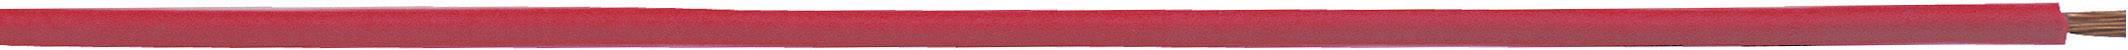 Opletenie / lanko LappKabel 4510003 H05V-K, 1 x 1 mm², vonkajší Ø 2.60 mm, 100 m, zelenožltá